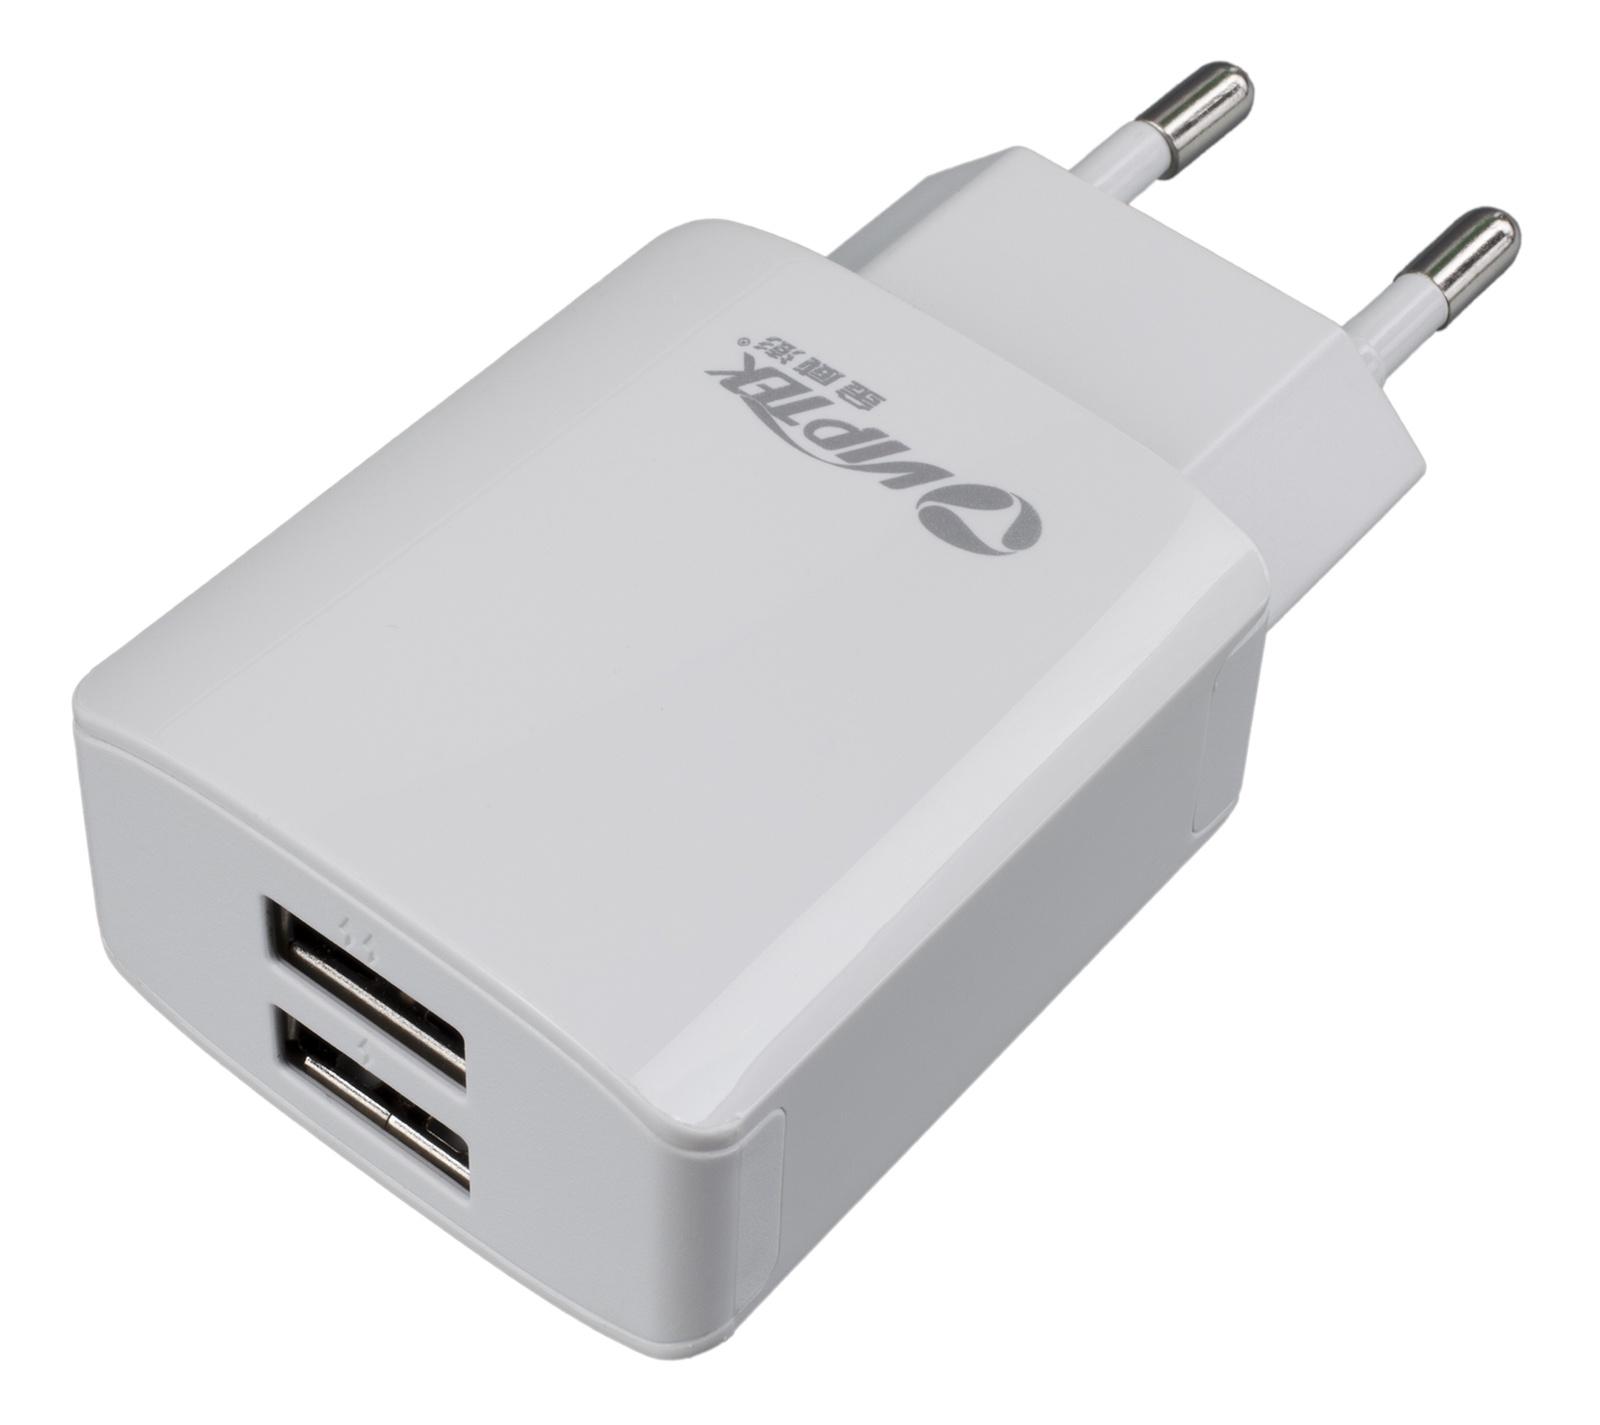 Зарядное устройство Viptek 2хUSB порта 2.1A, белый автомобильное зарядное устройство viptek 2хusb порта 2 4a белый